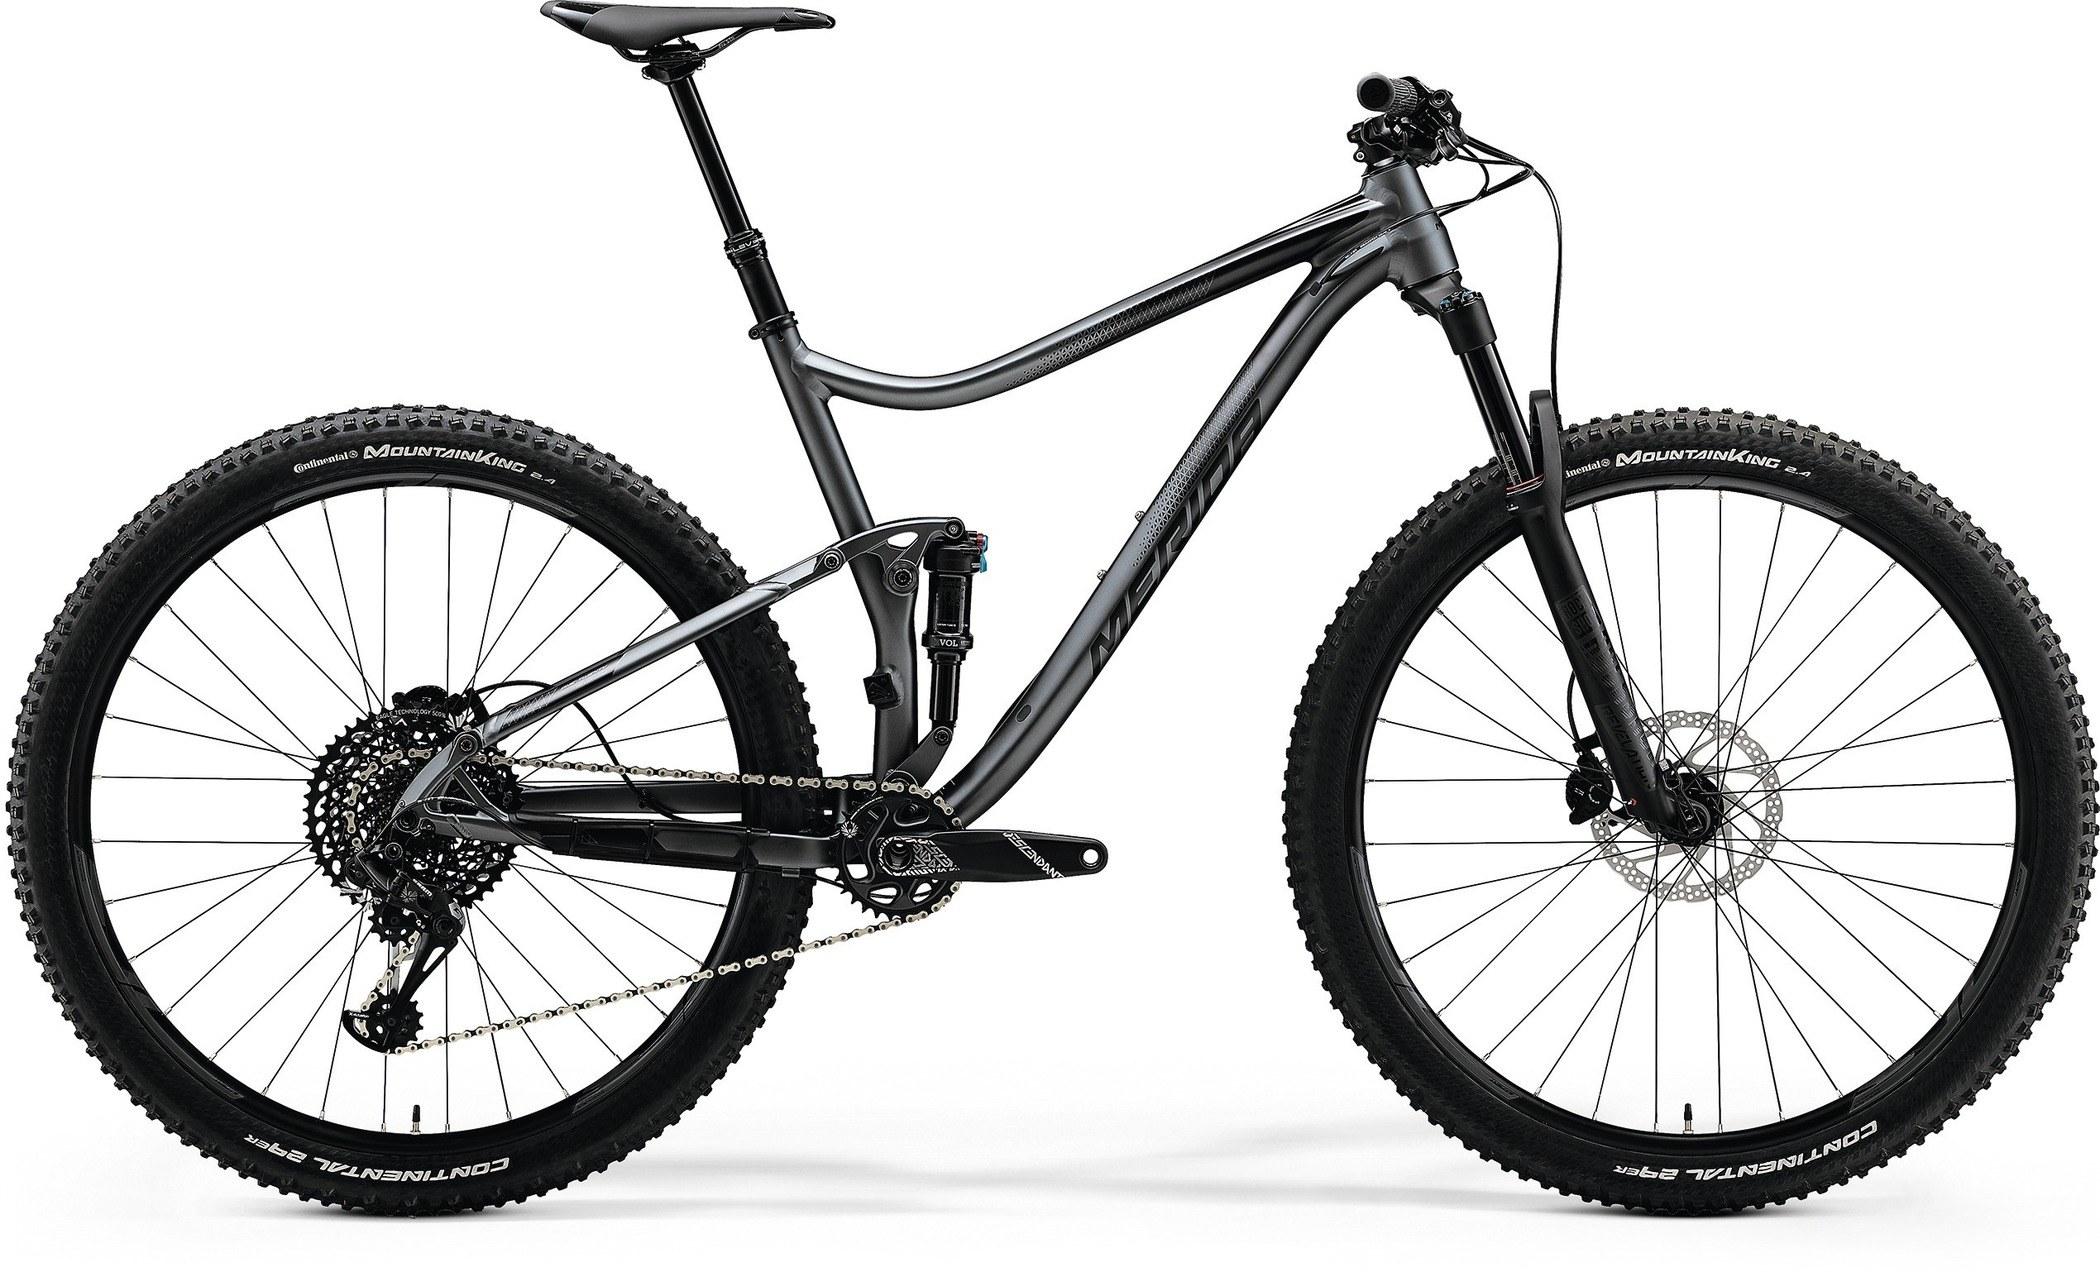 zoom-bike-picture-cc87c843e7e5ffd57f06e90949753a98